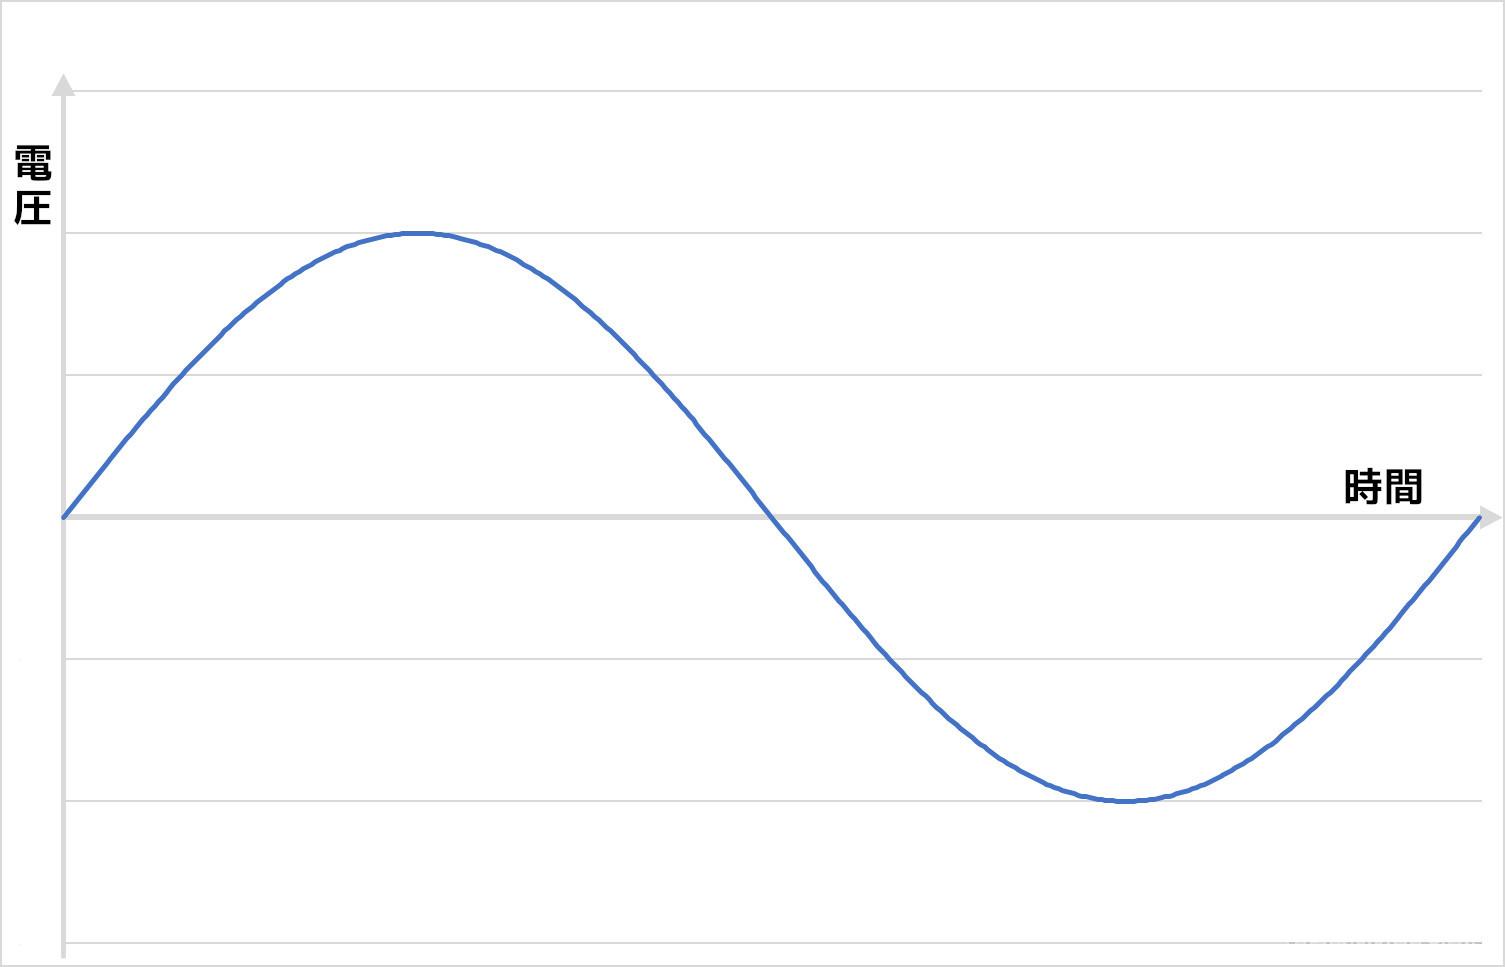 プラスとマイナスが入れ替わる交流の電圧を示したグラフ。上がプラス、下がマイナスです